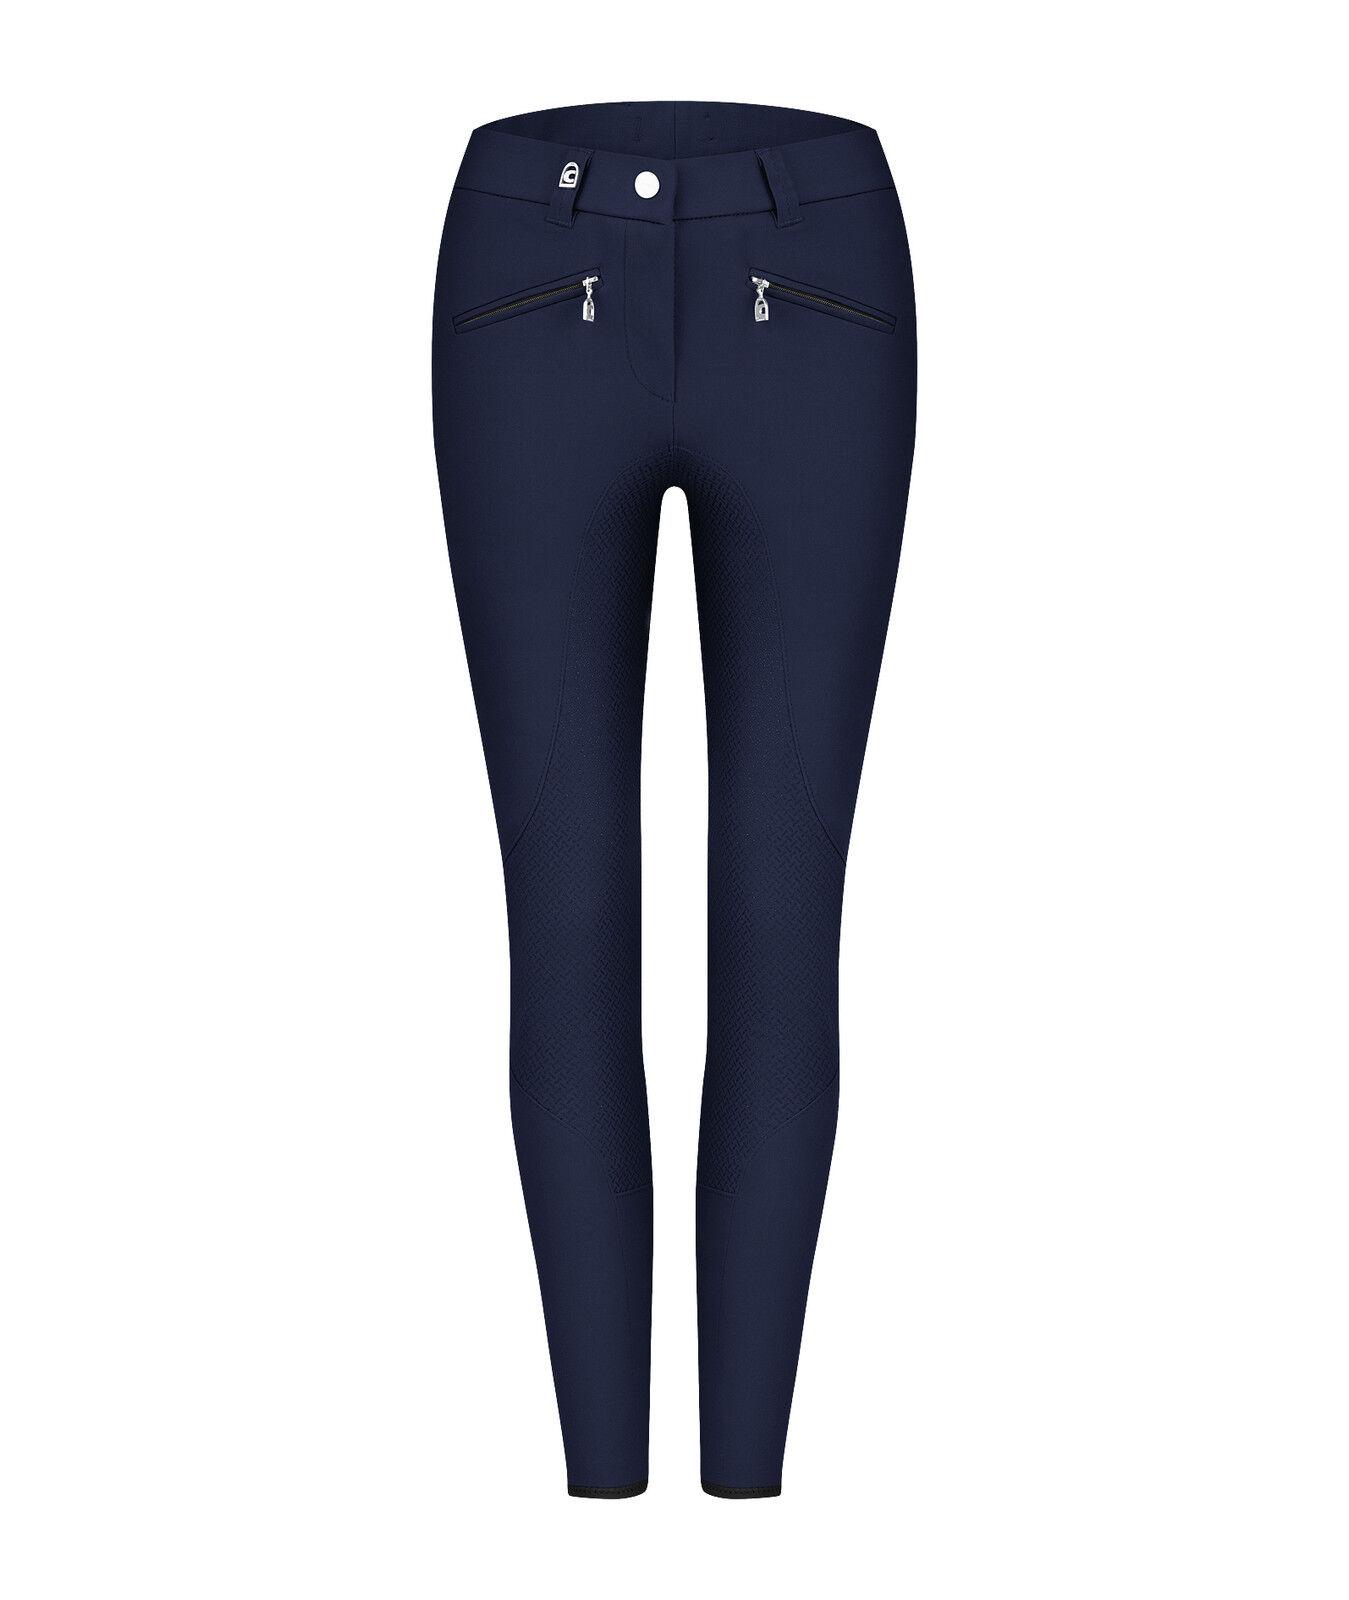 Cavallo Caja Grip darkblu Donna-Guarnizione in pieno MONTALA Pantaloni con Cava-Grip elasticizzati